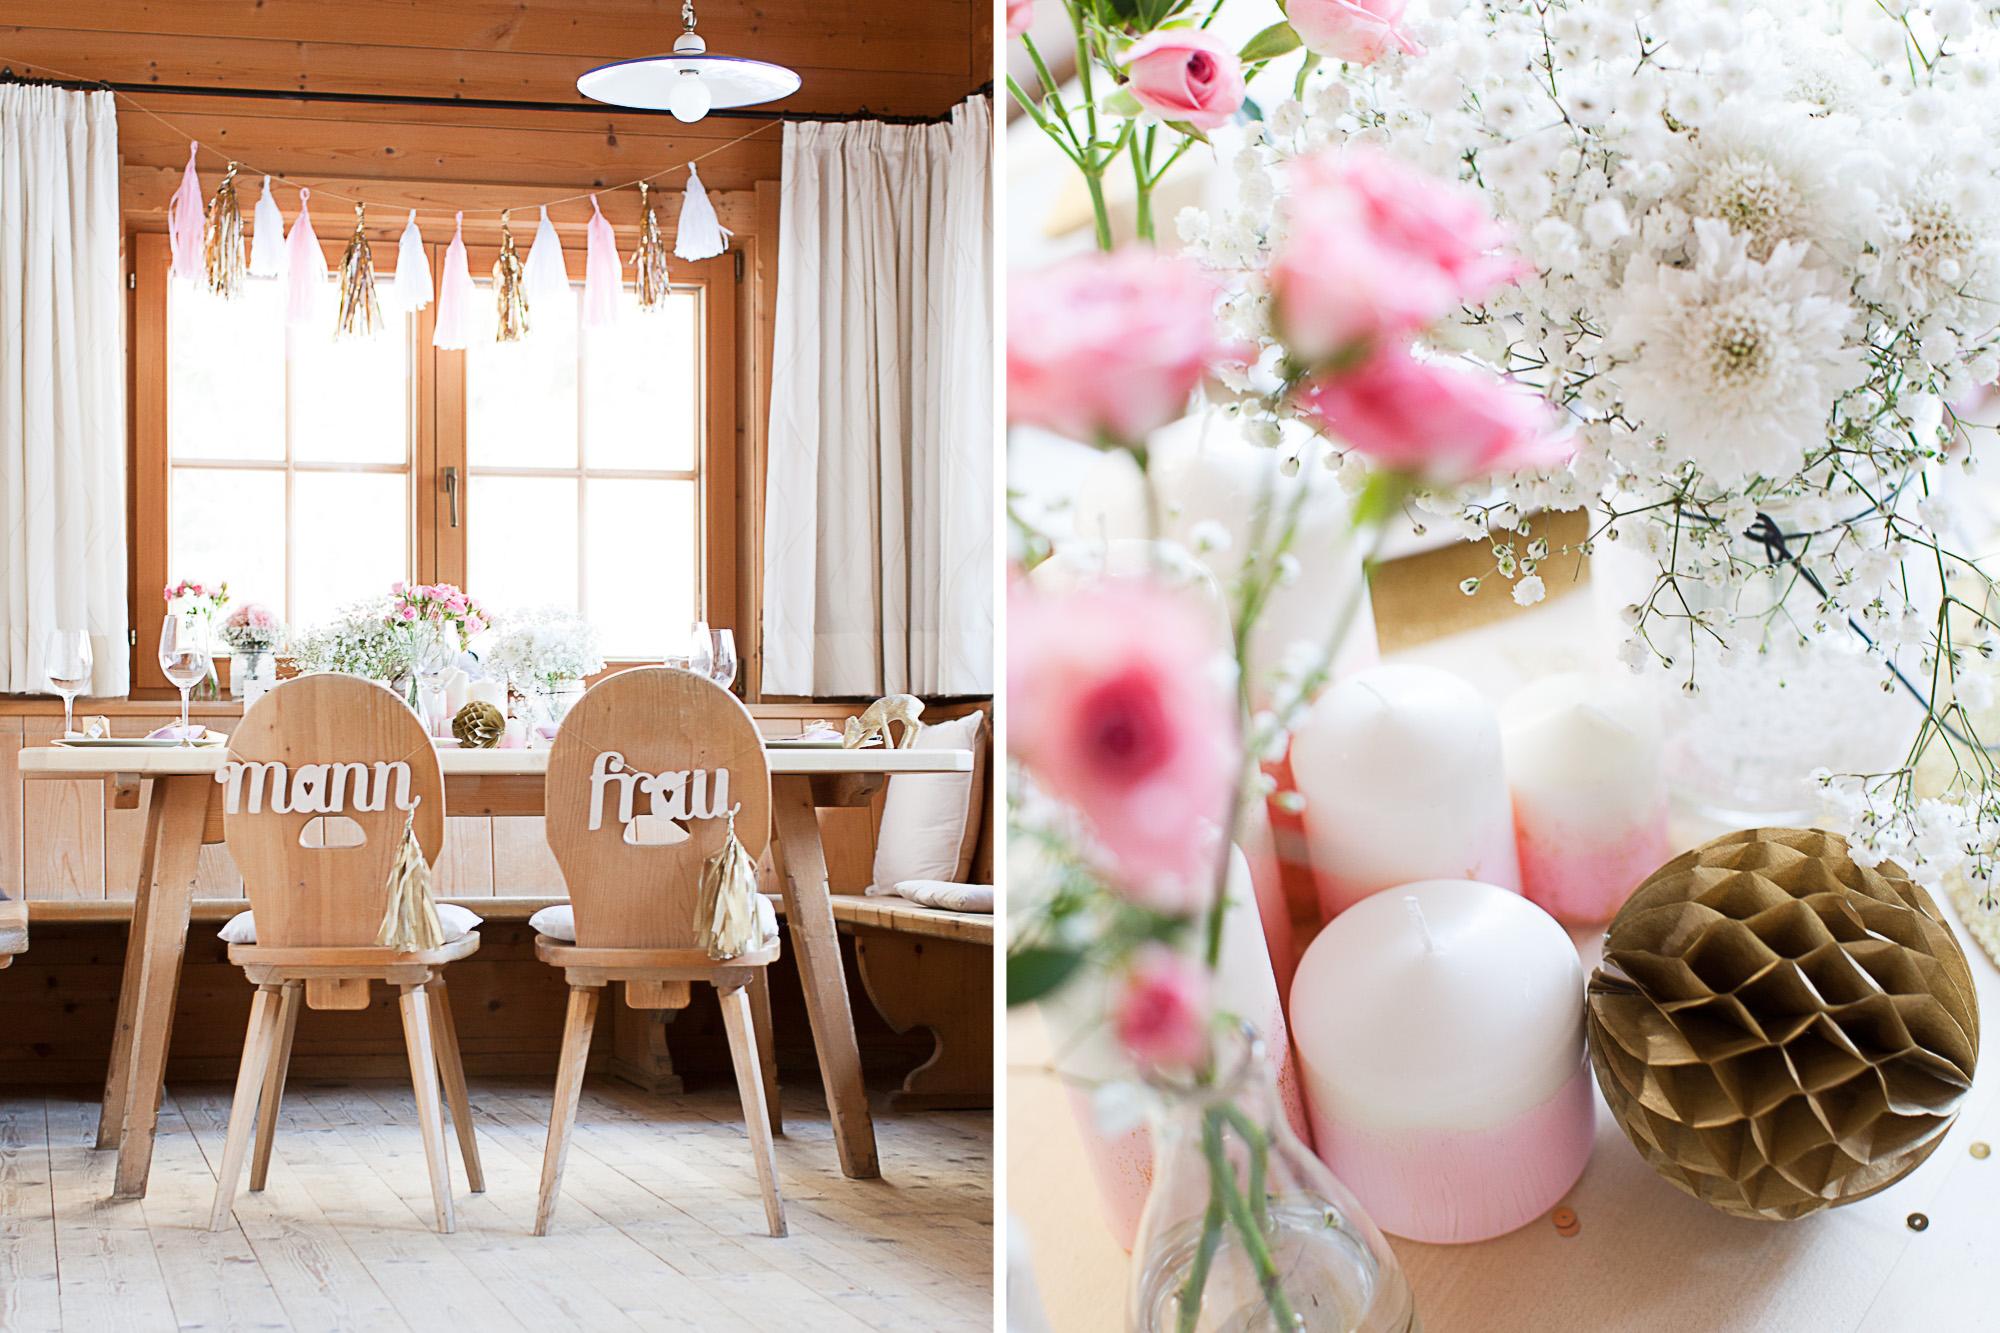 004 Tisch Dekoration Hochzeit Inspiration Winter Anna Mardo